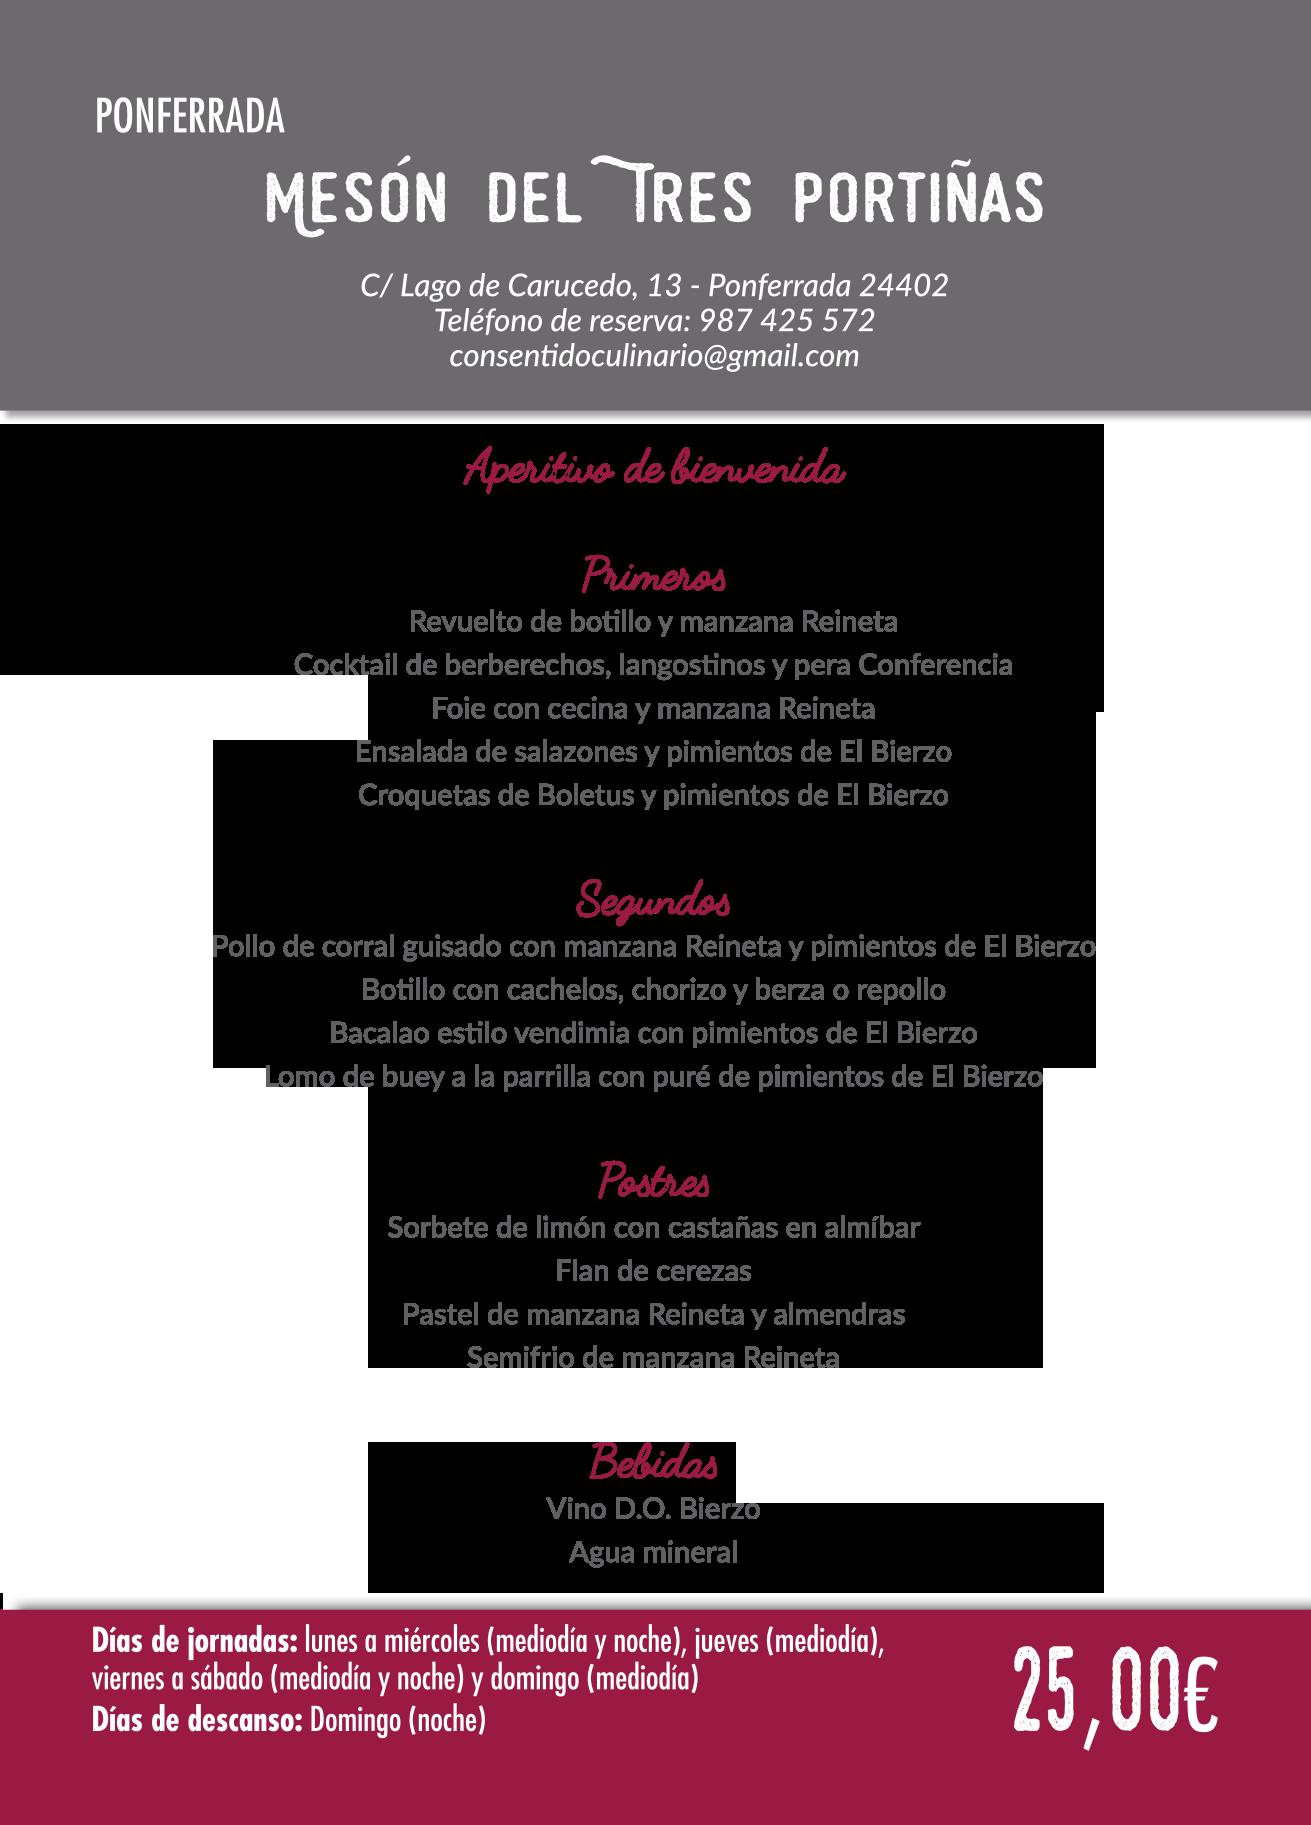 Las Jornadas Gastronómicas del Bierzo llegan a su 35 edición. Consulta los menús de esta edición 26